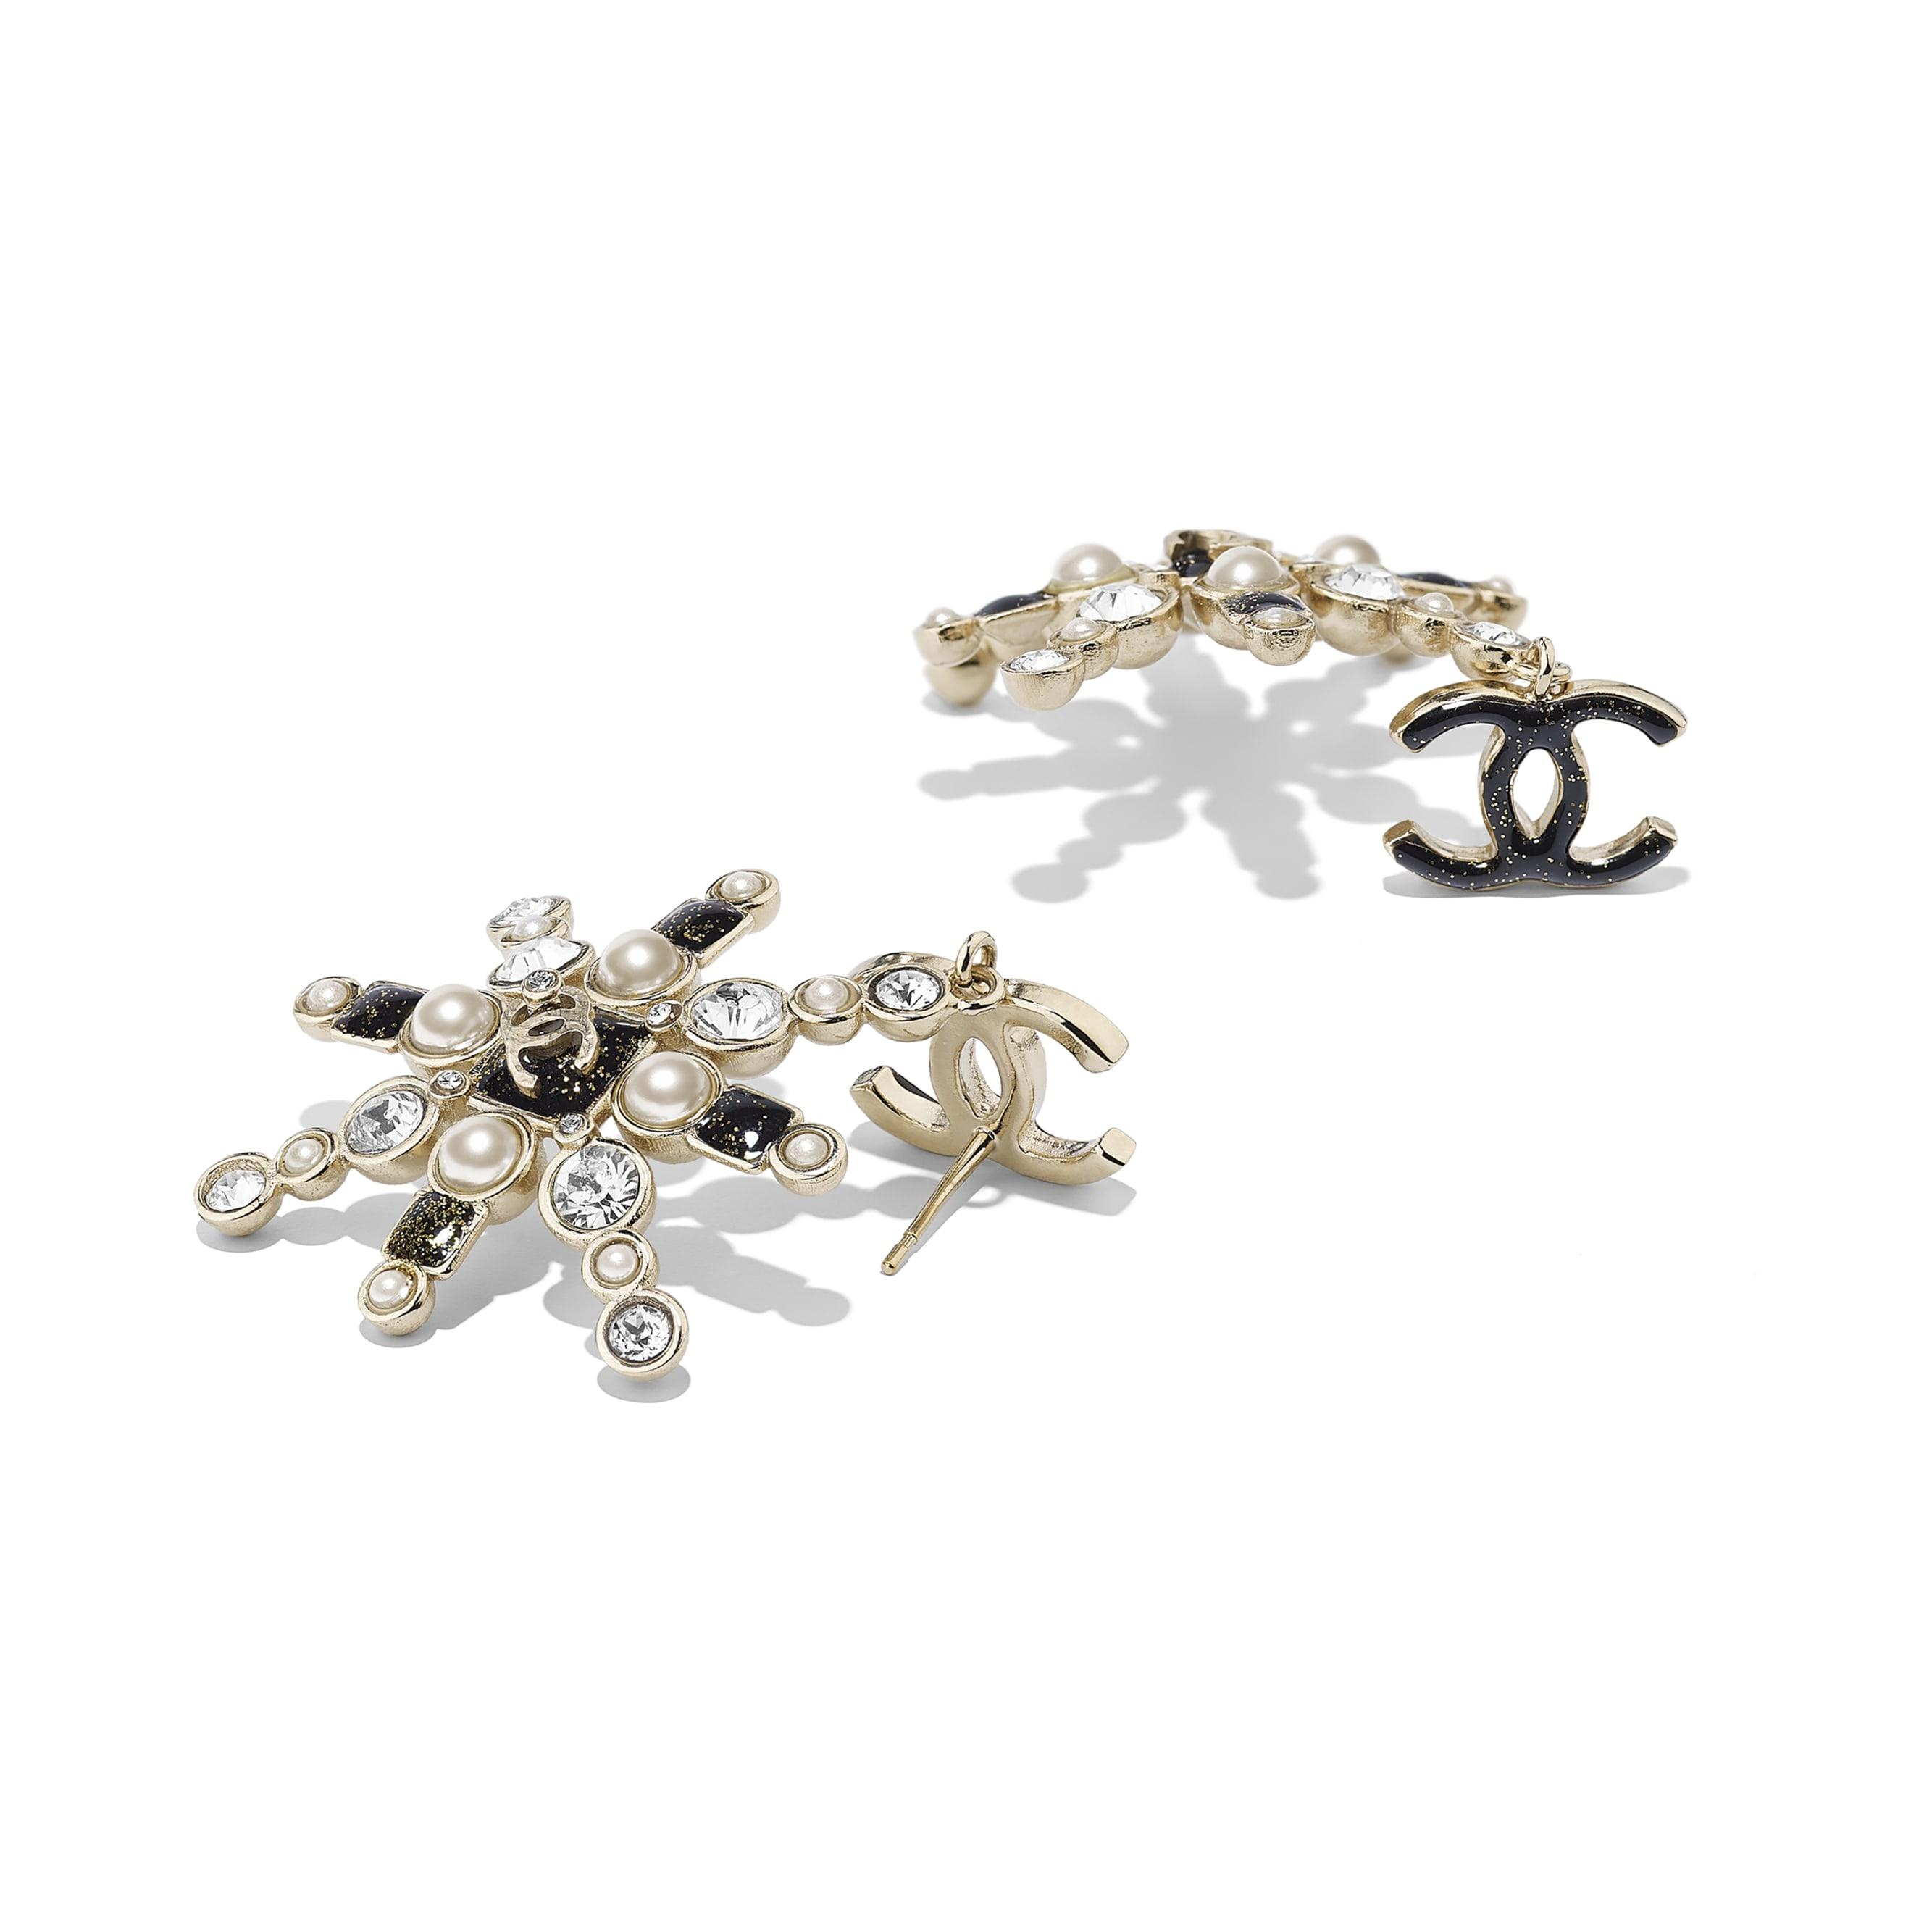 Серьги - золотистый, жемчужно-белый, черный и кристальный - Металл, стеклянный жемчуг и стразы - Альтернативный вид - посмотреть изображение стандартного размера